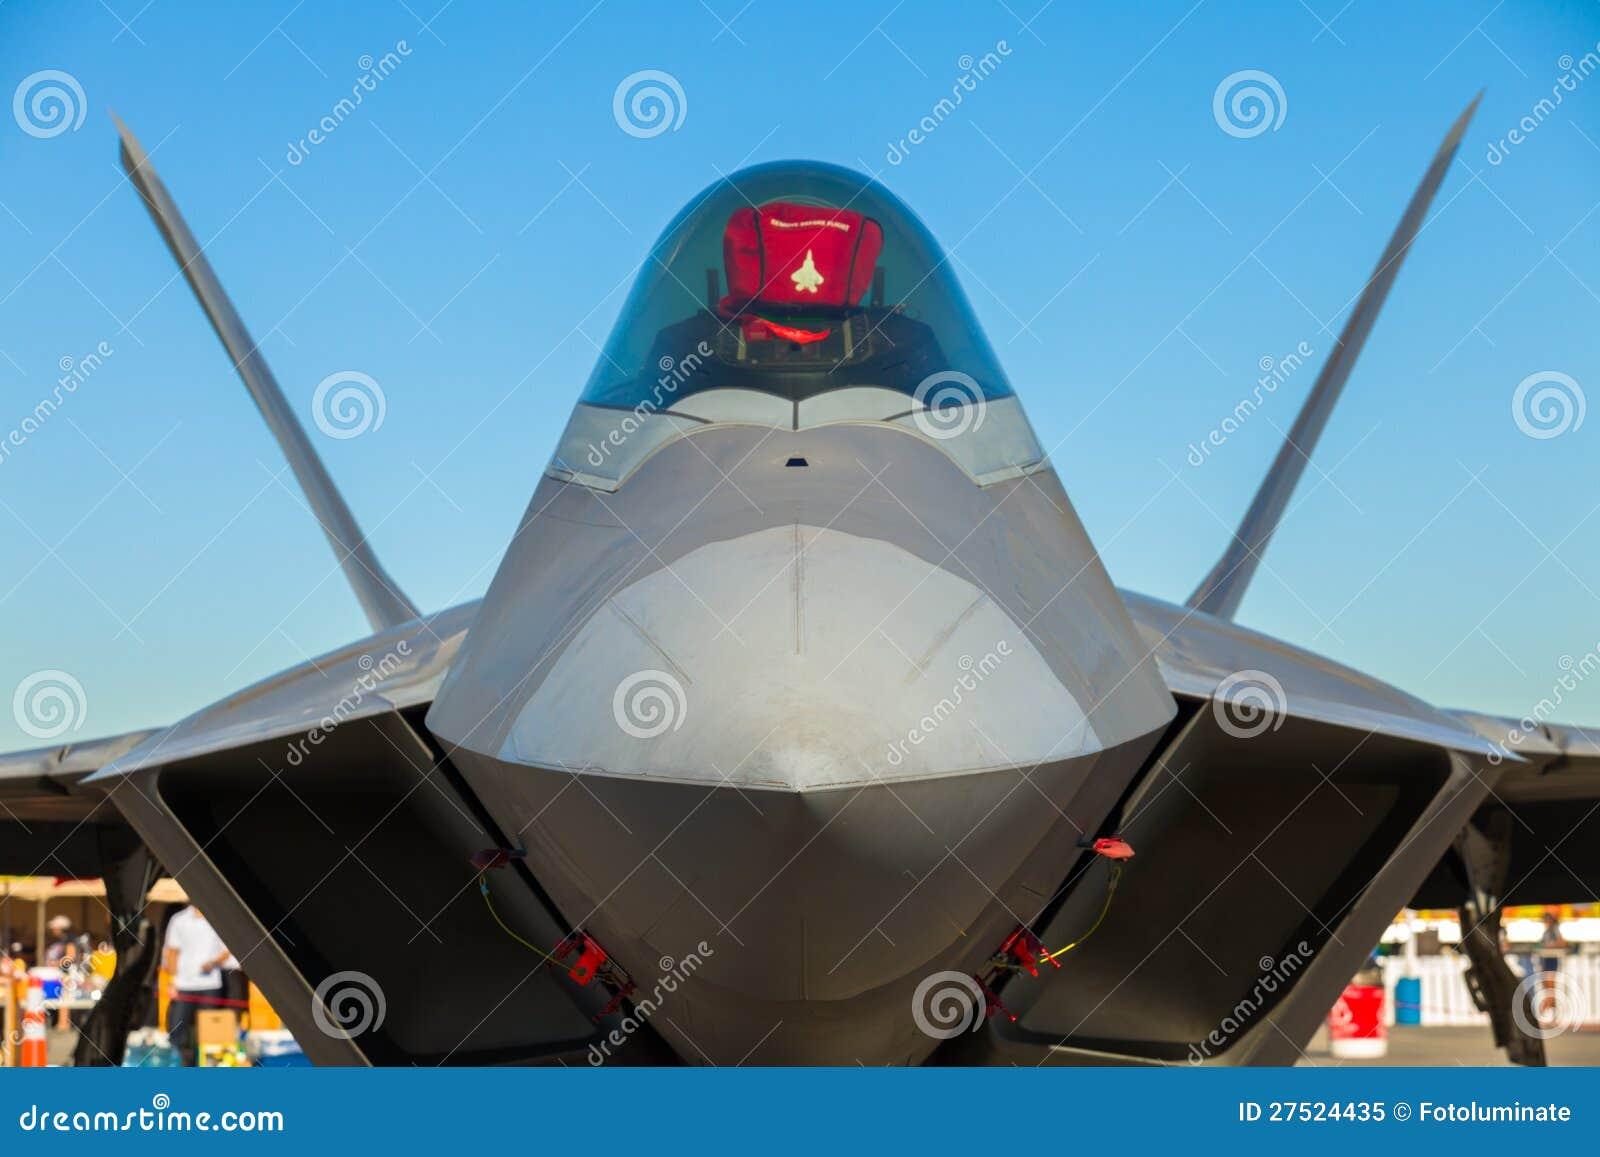 F-22 Raptor jet airplane